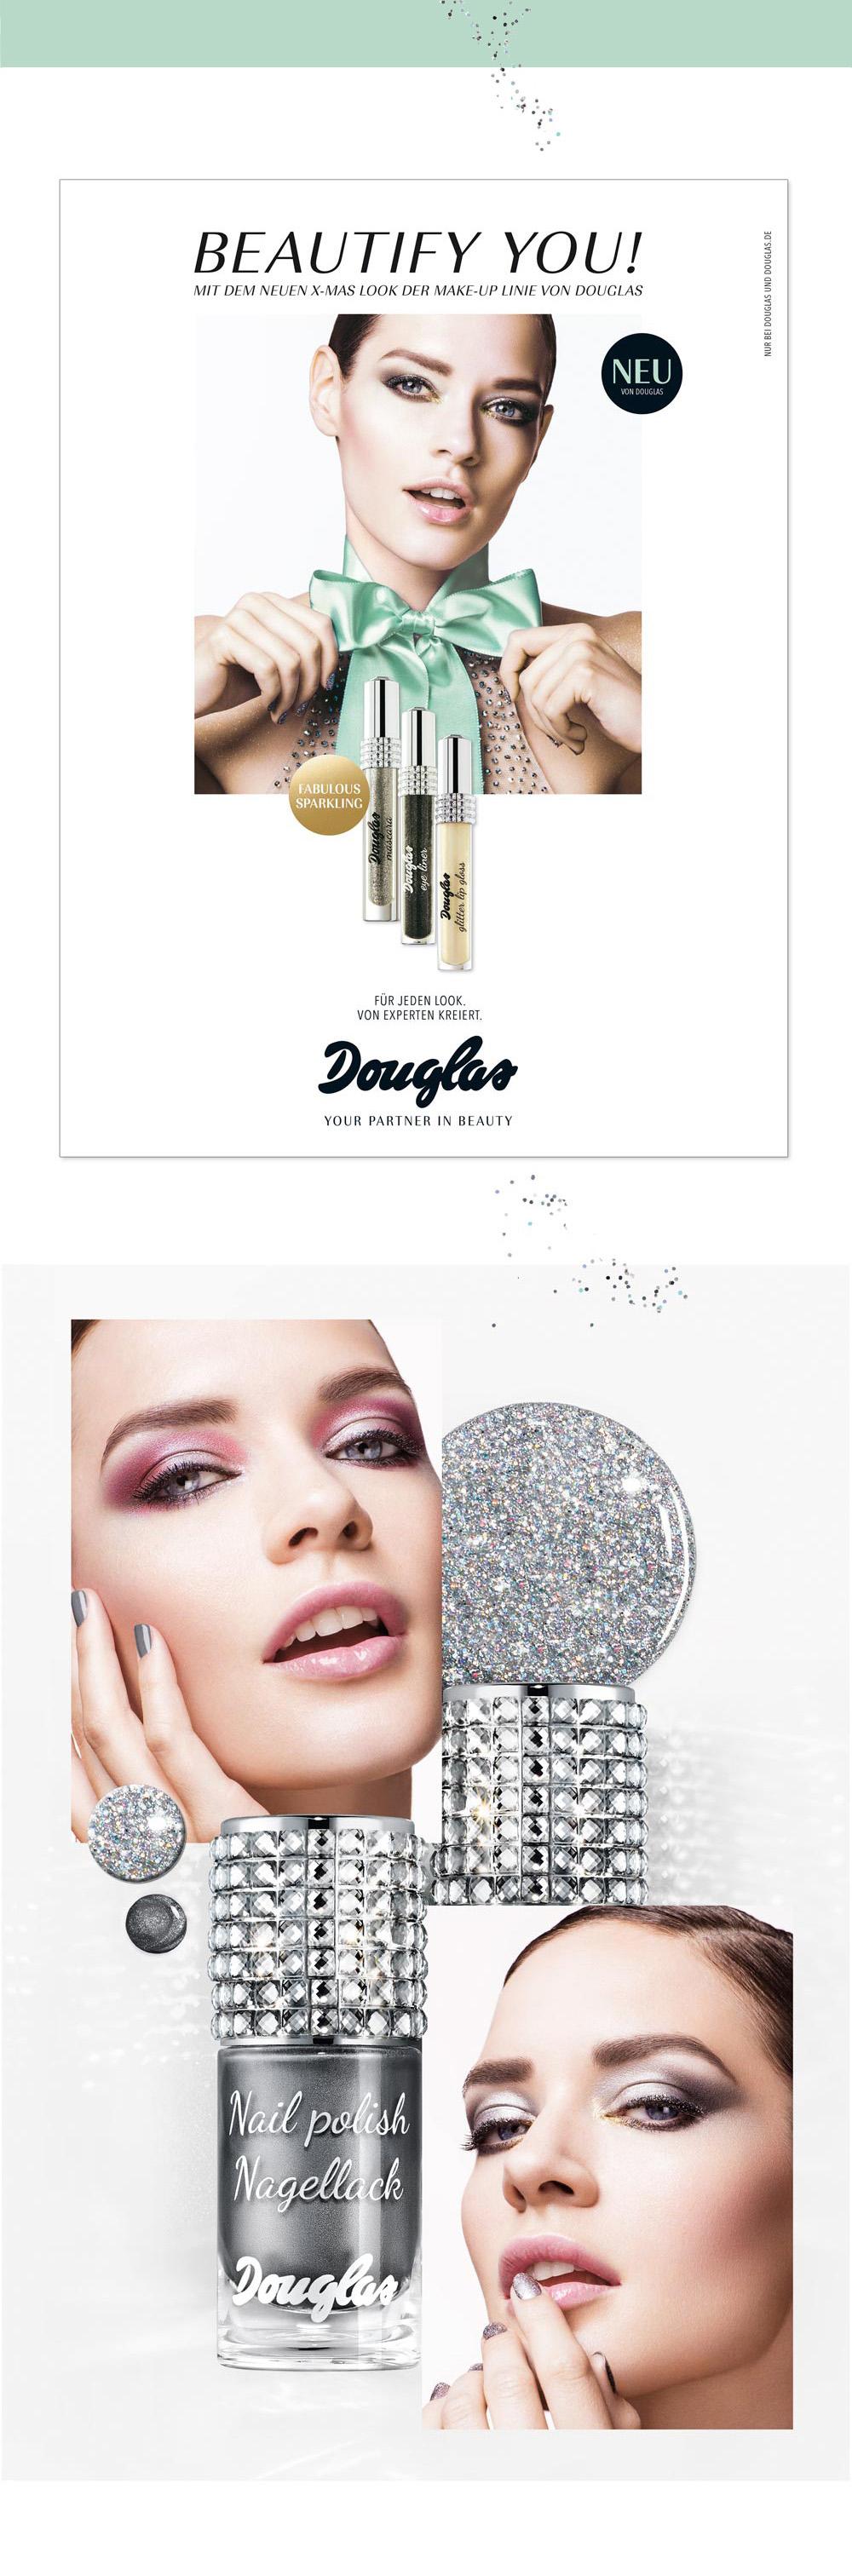 COEN Concept & Design Berlin - Douglas X-Mas